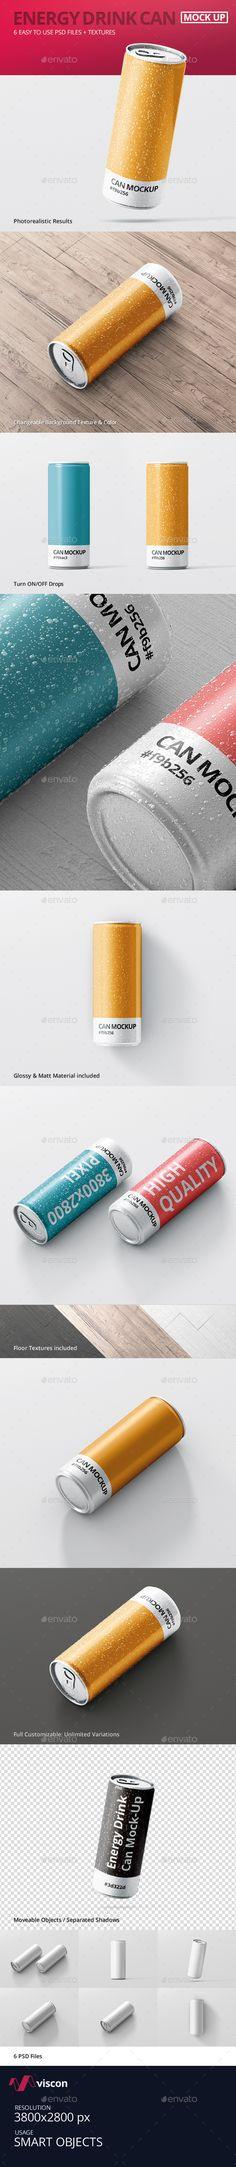 Energy Drink Can Mock-Up #design Download: http://graphicriver.net/item/energy-drink-can-mockup/12447508?ref=ksioks